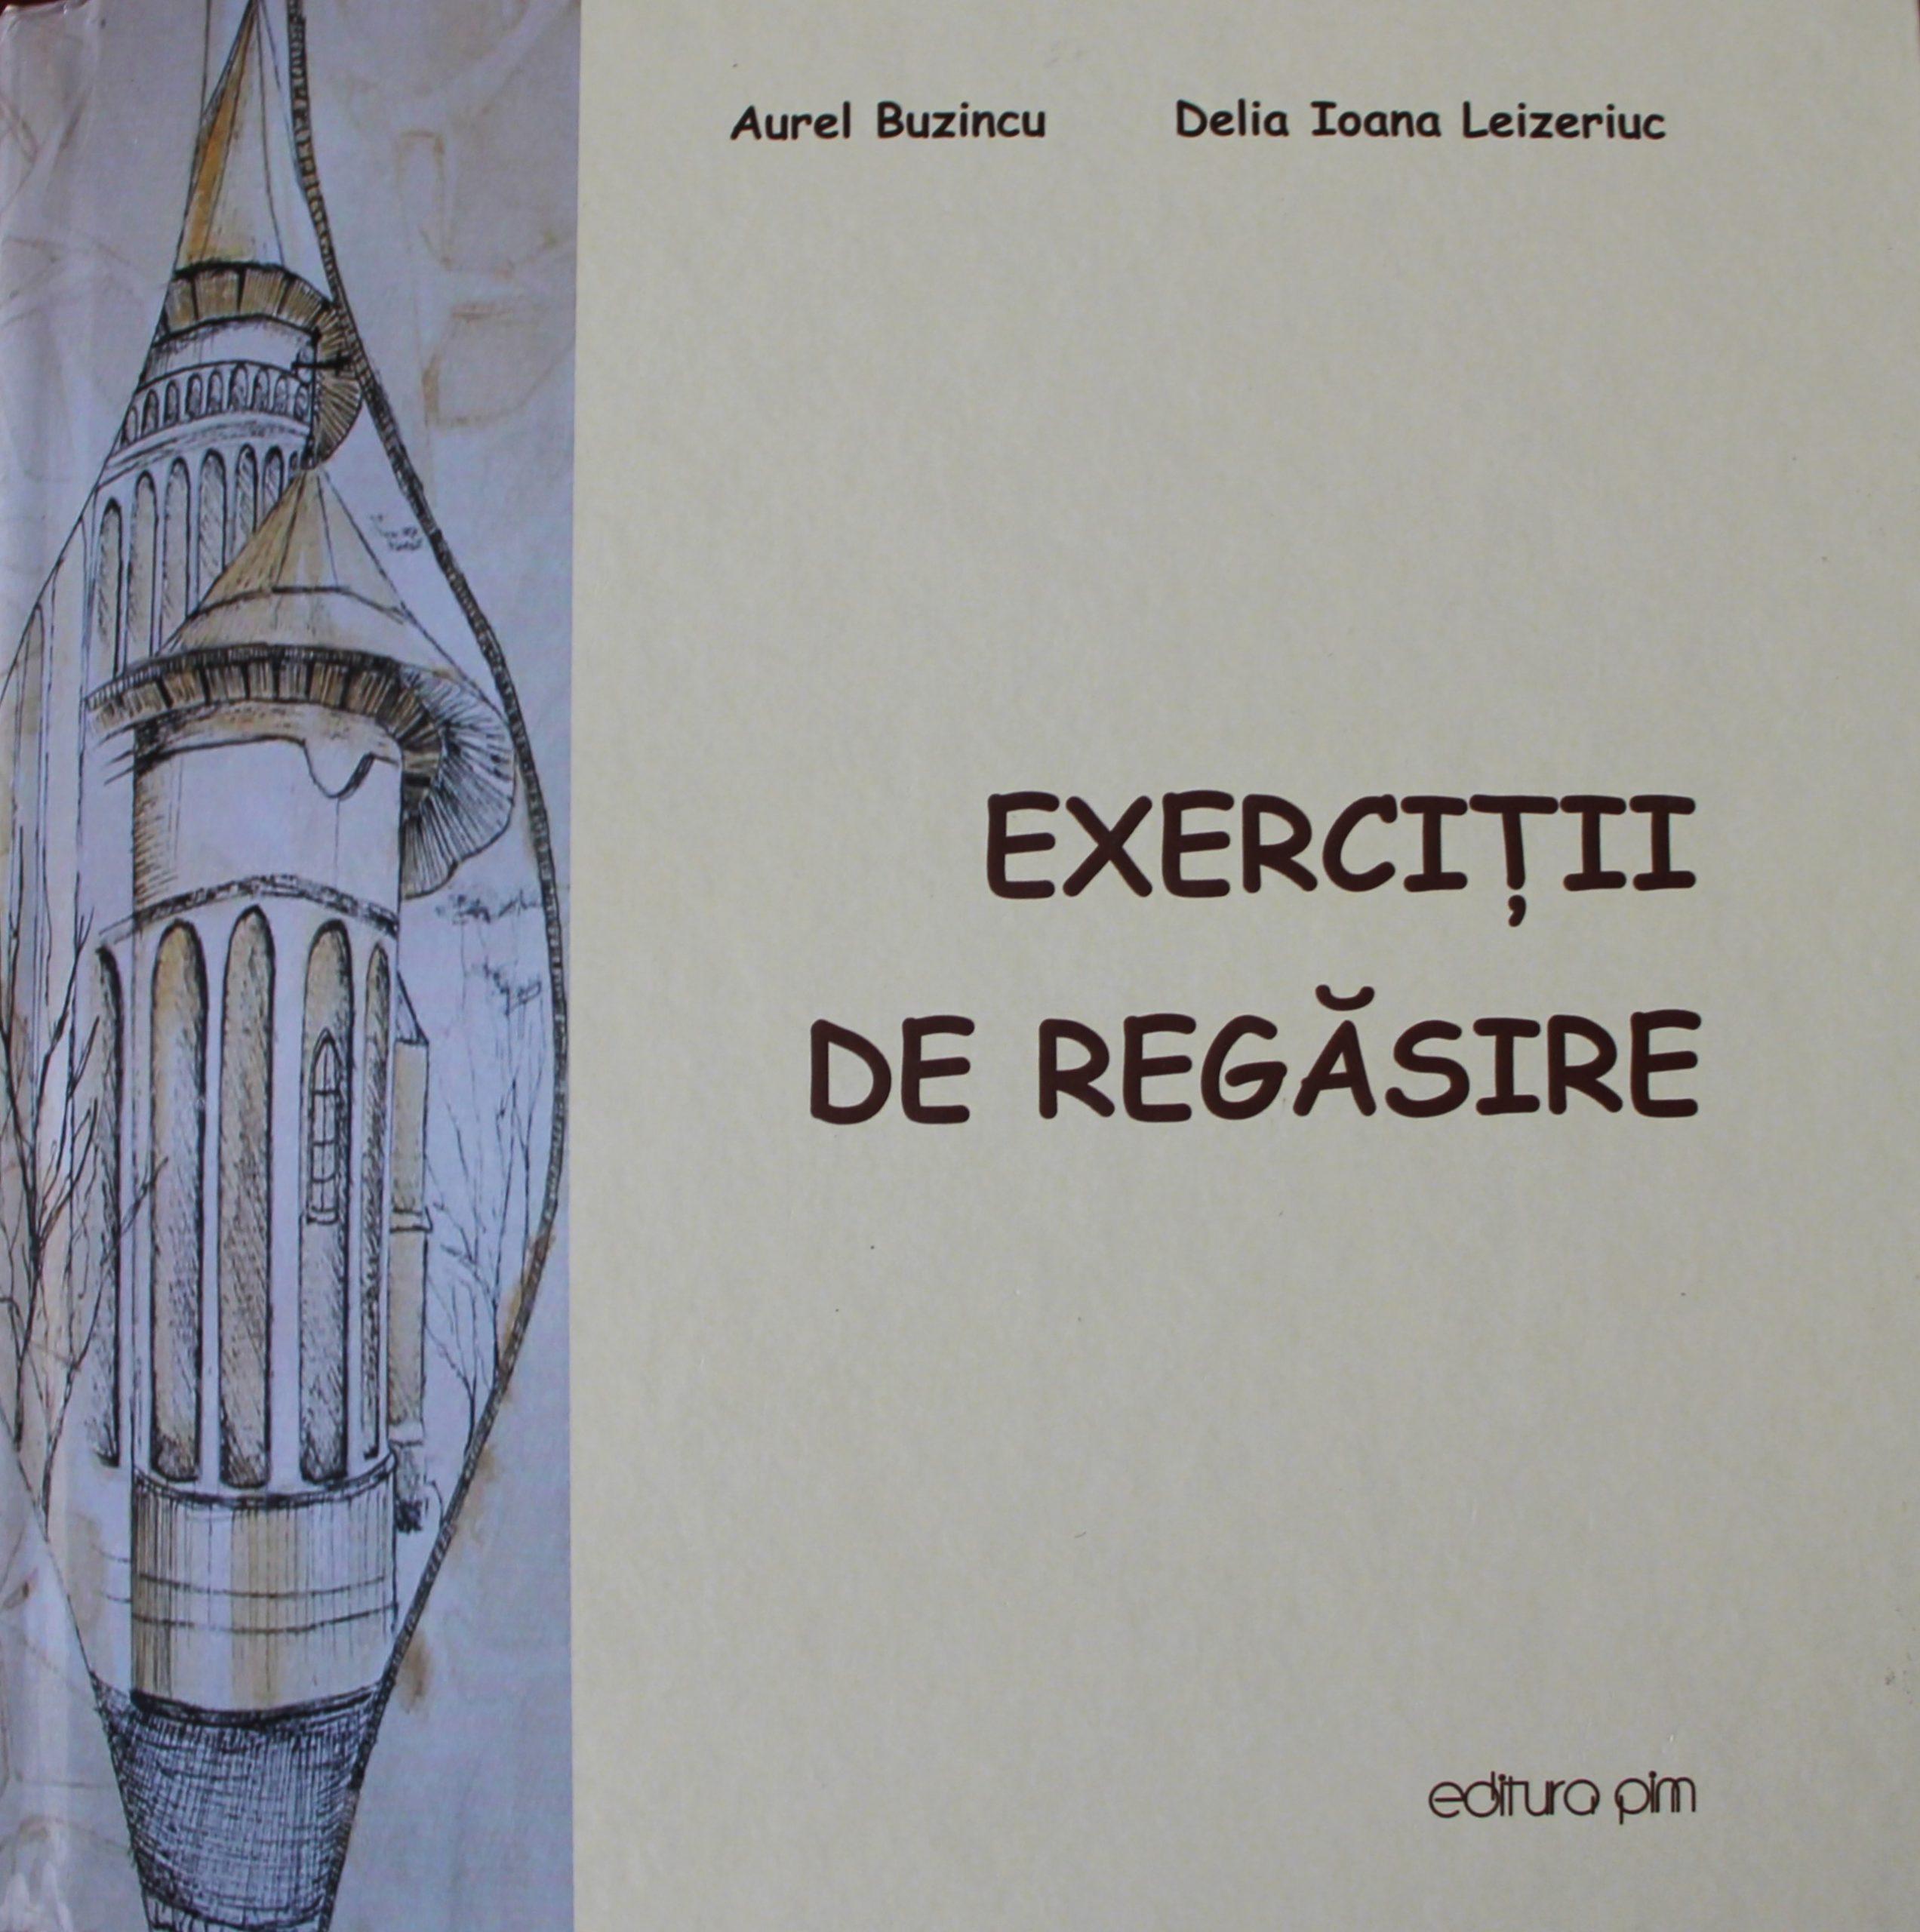 Exerciții de regăsire - Aurel Buzincu, Delia Ioana Leizeriuc